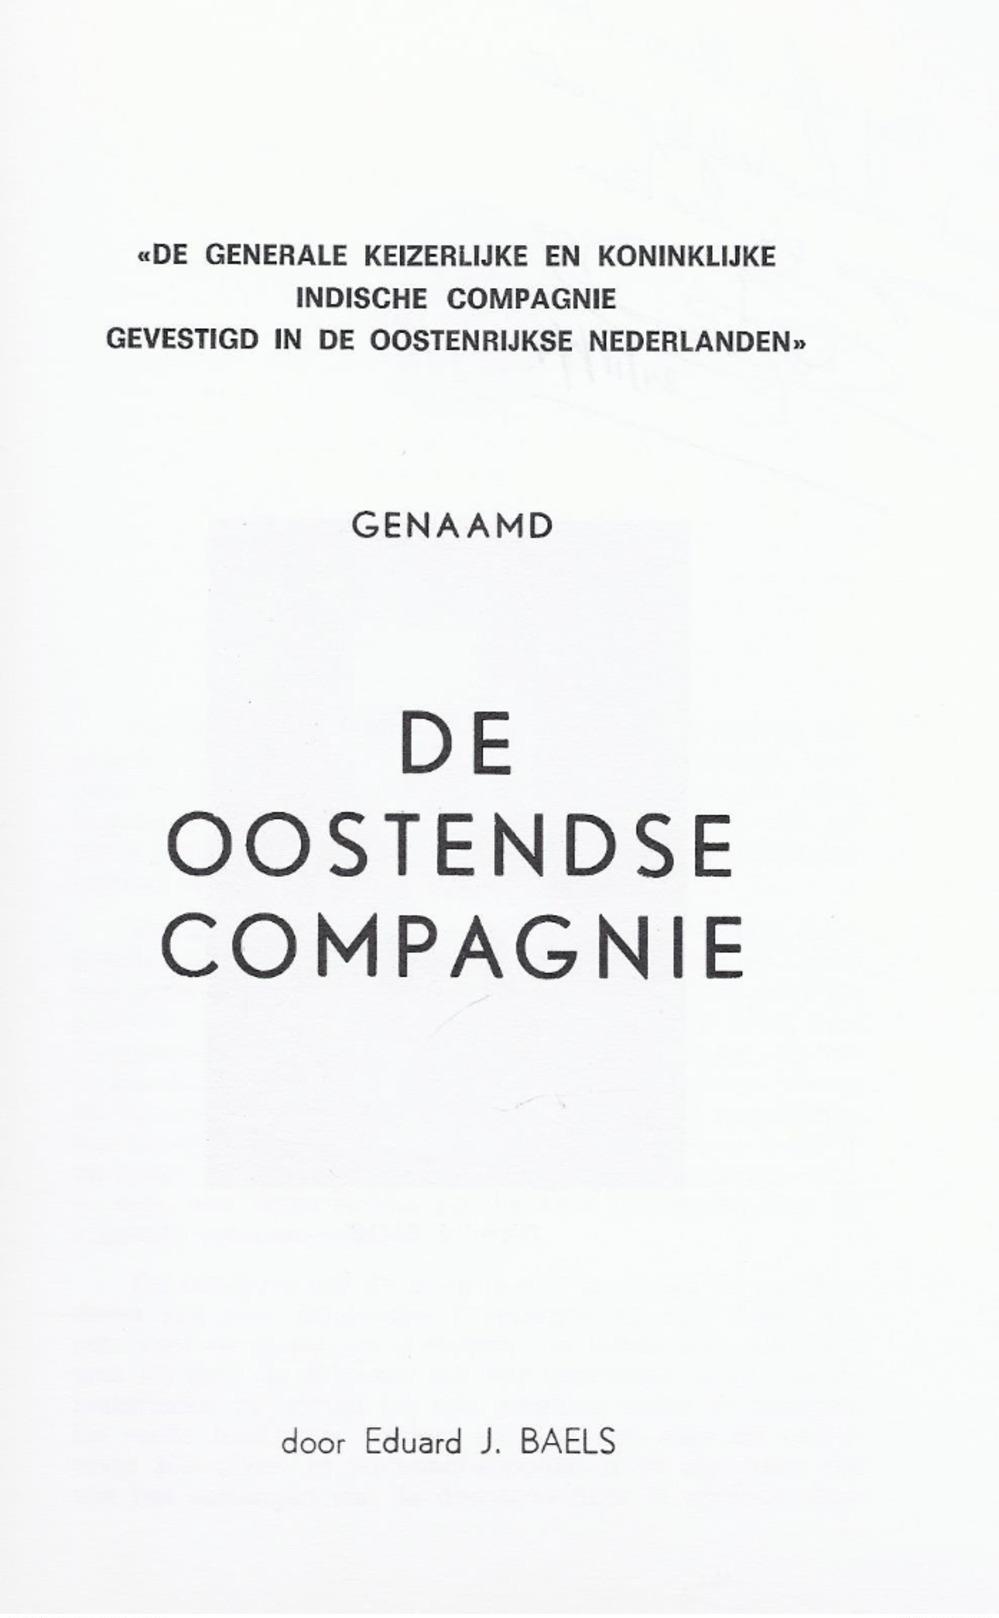 LIQUID. - 5€ De Generale Keizerlijke Koninklijke Indische Compagnie ... Oostenrijkse Nederlanden: De Oostendse Compagnie - Histoire